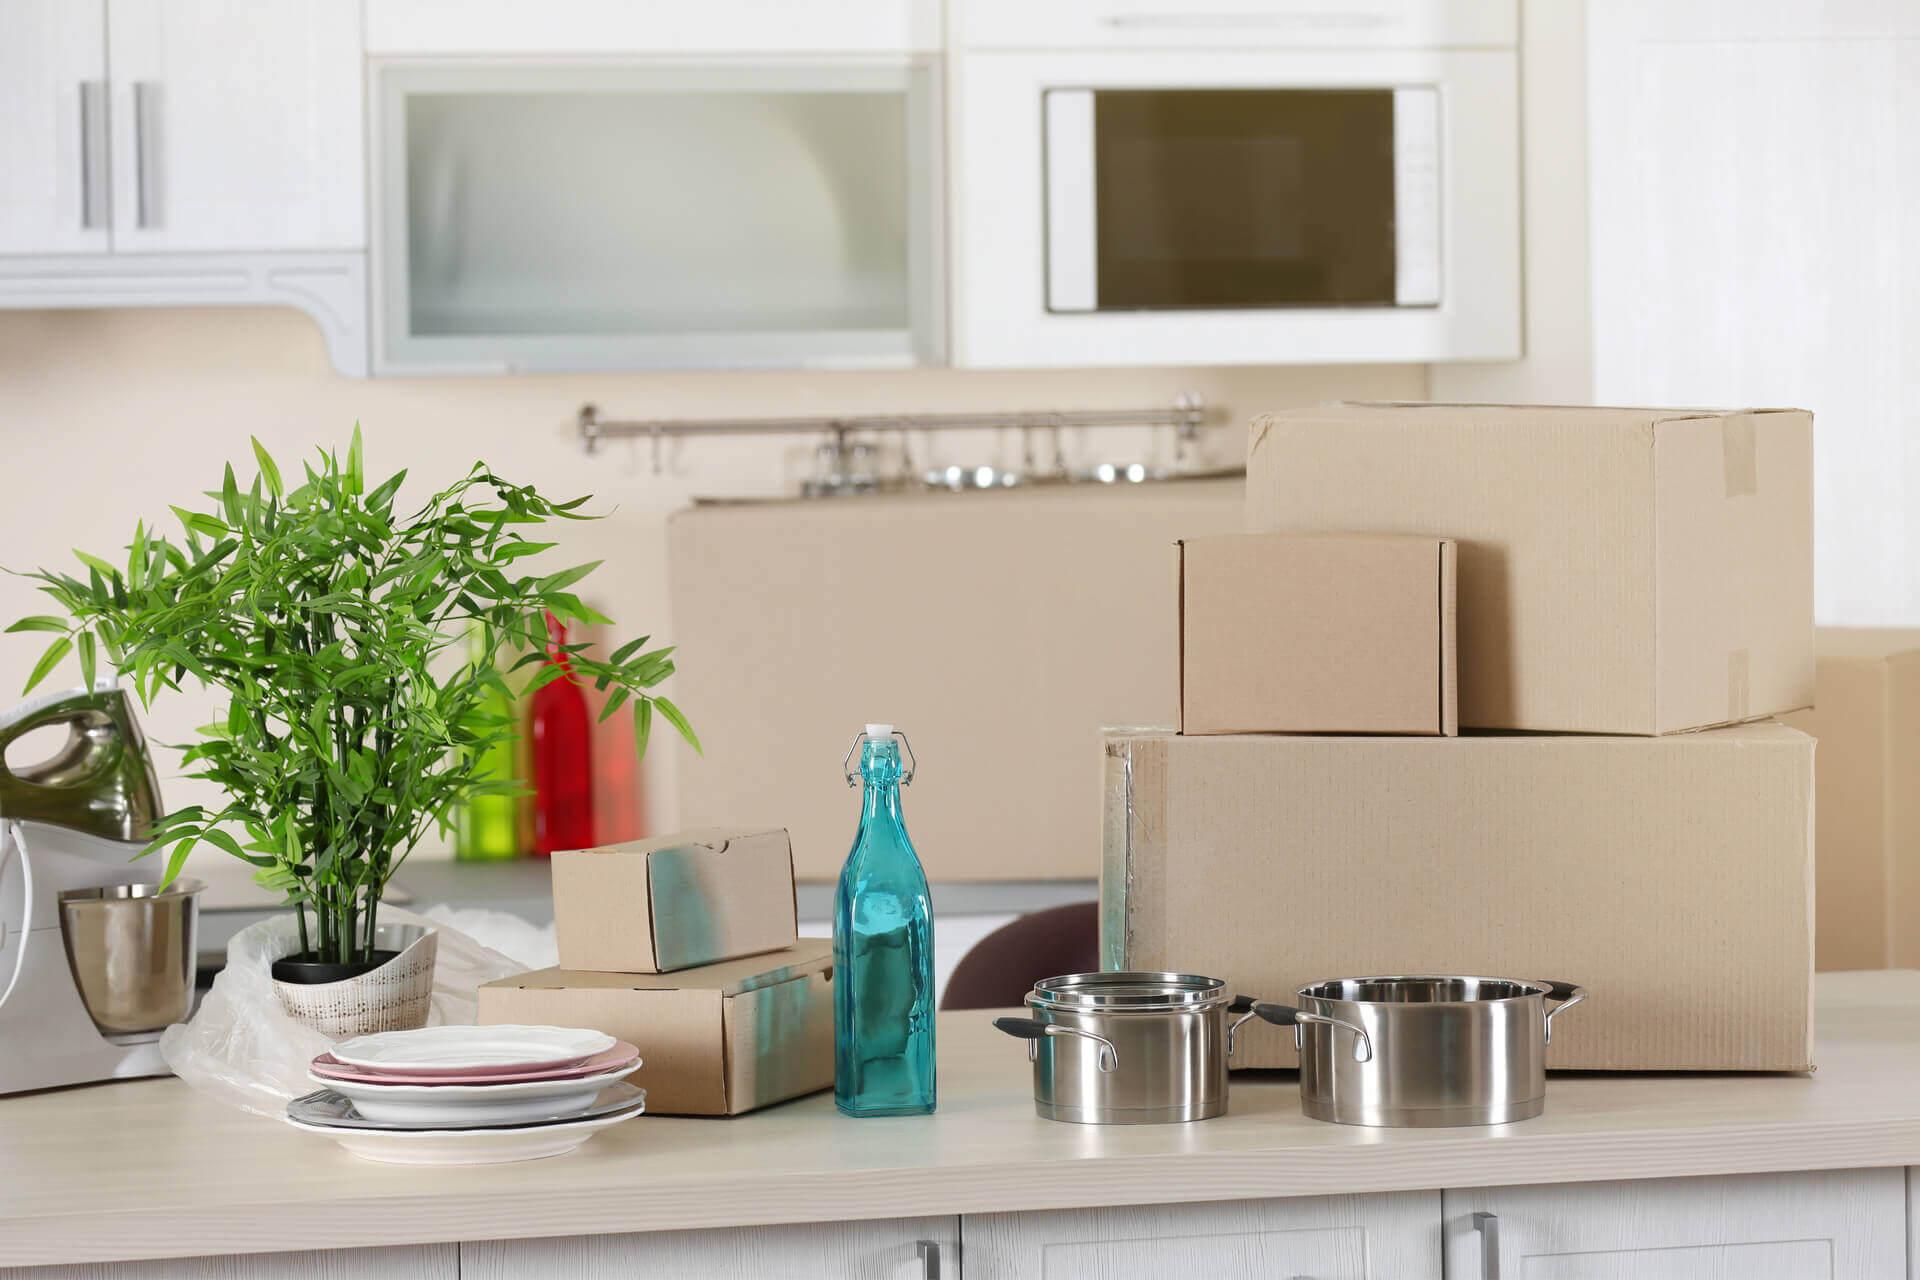 Quanto costa traslocare una cucina? • Caturano Traslochi